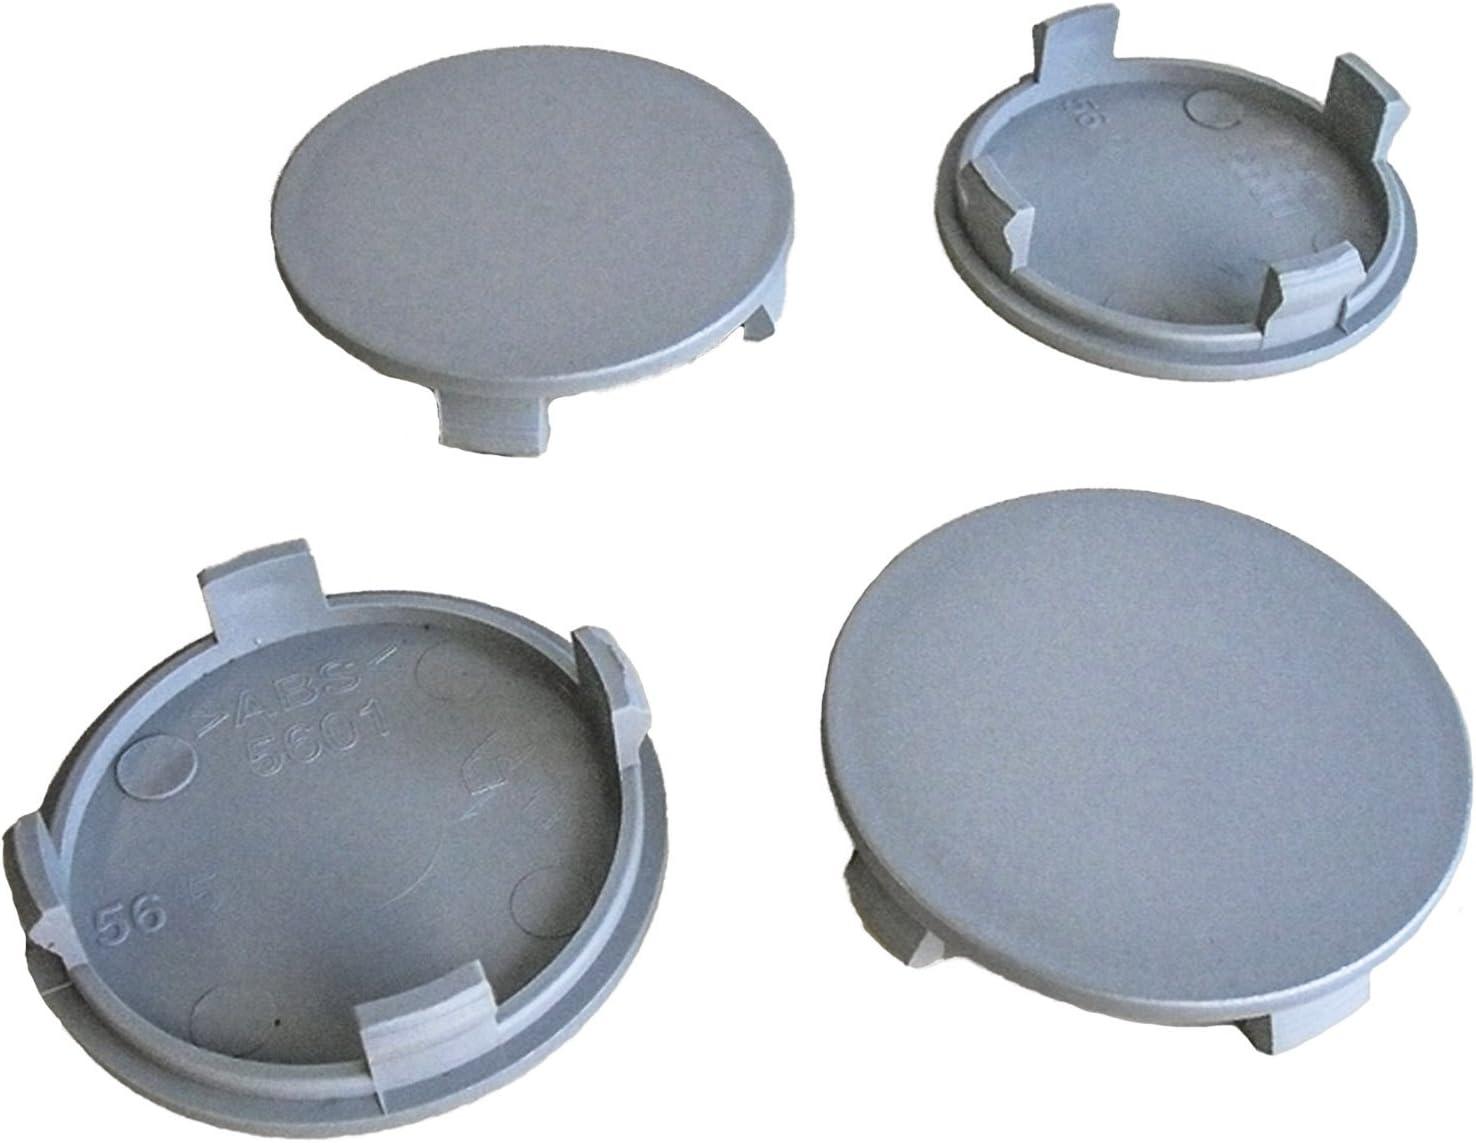 4x esterno 56 mm interno 52 mm COPRIMOZZO CERCHI Coperchio Mozzo Ruota Coperchio Nuovo